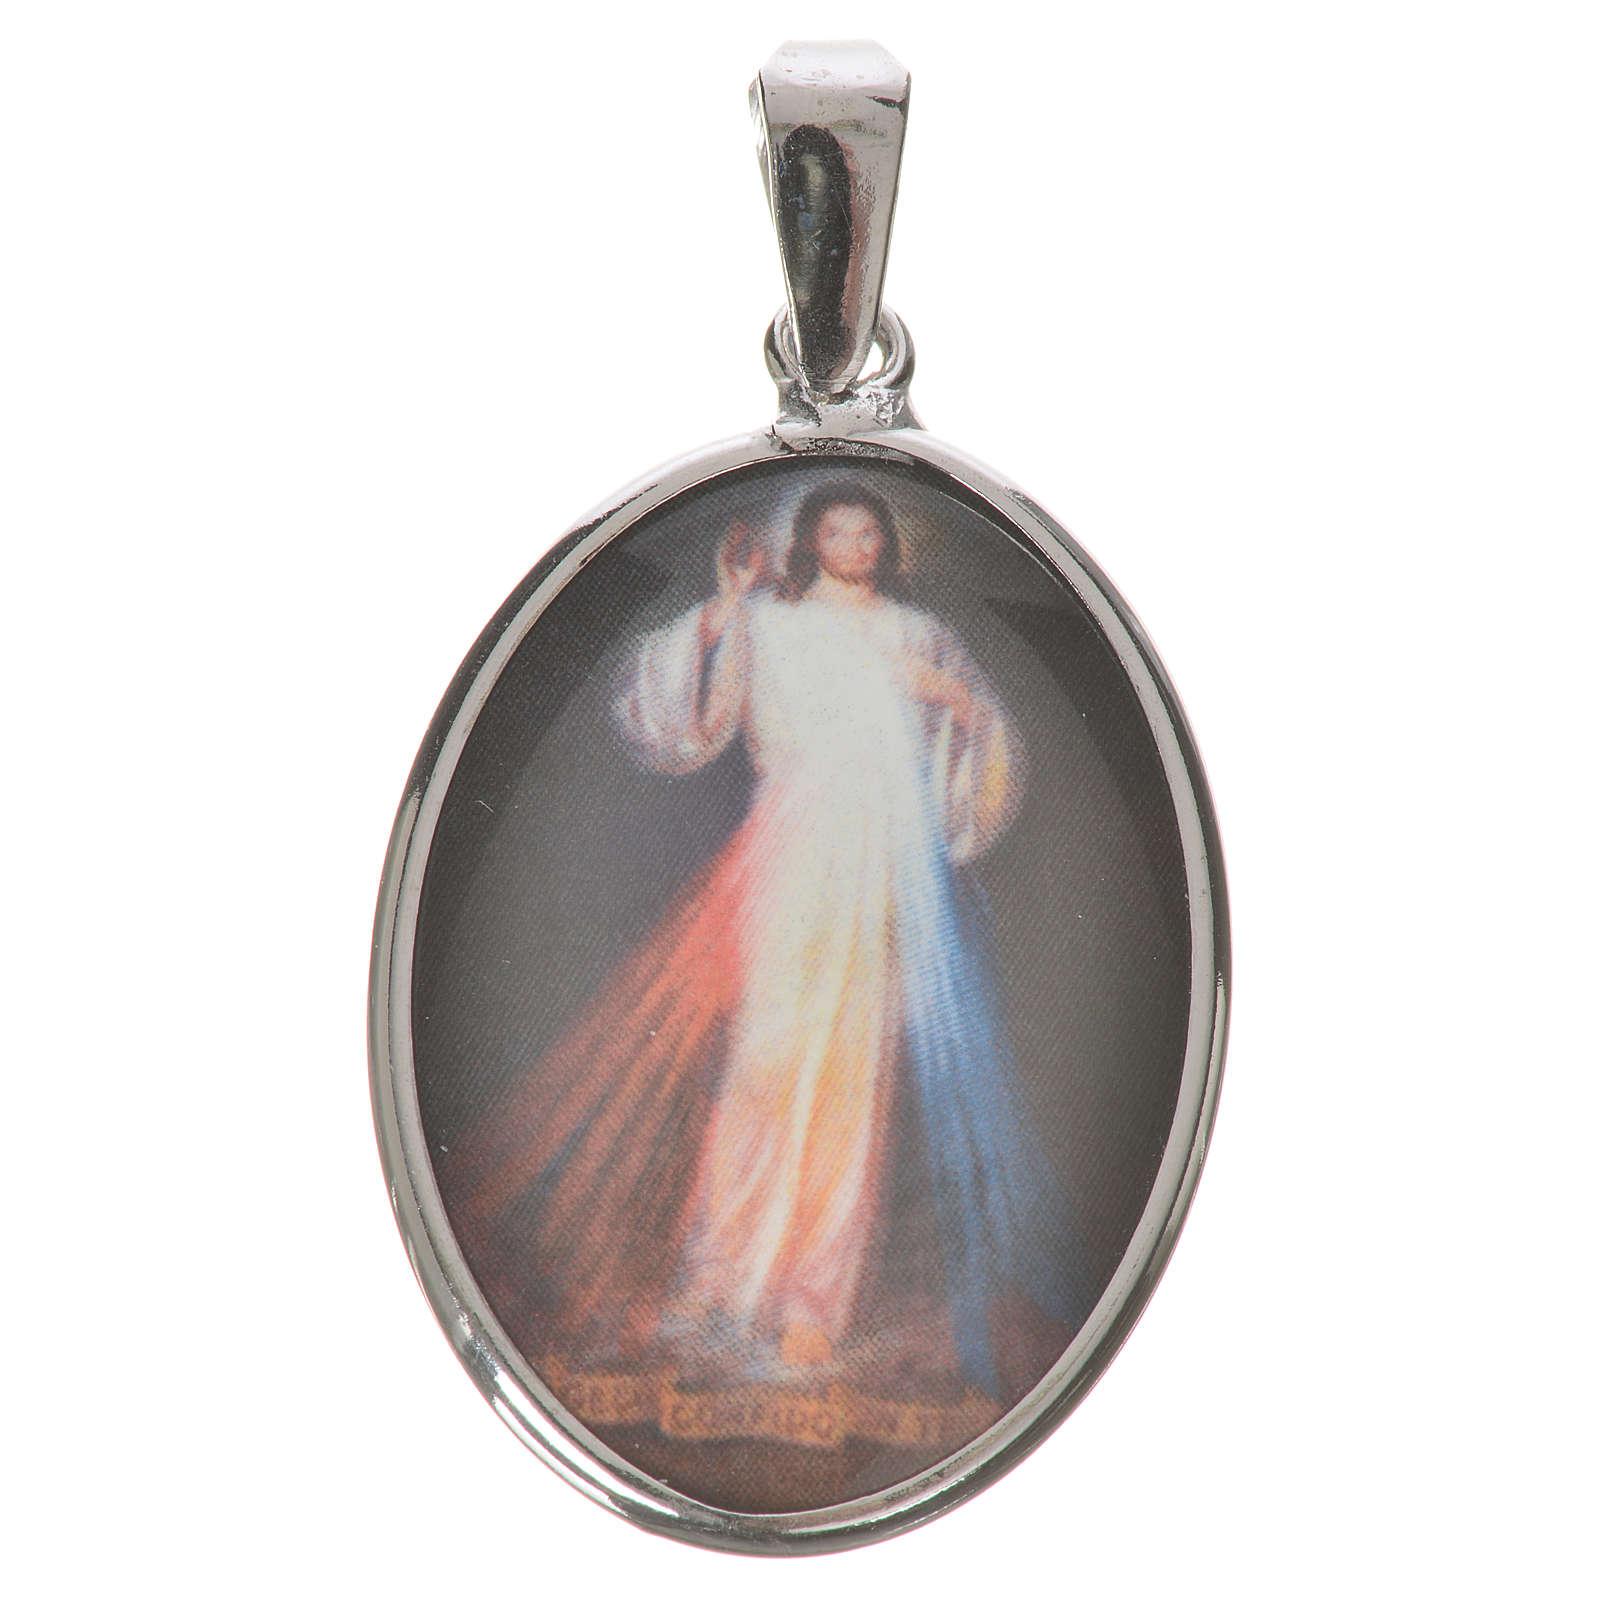 Medalla ovalada de plata, 27mm Jesús Misericordioso 4